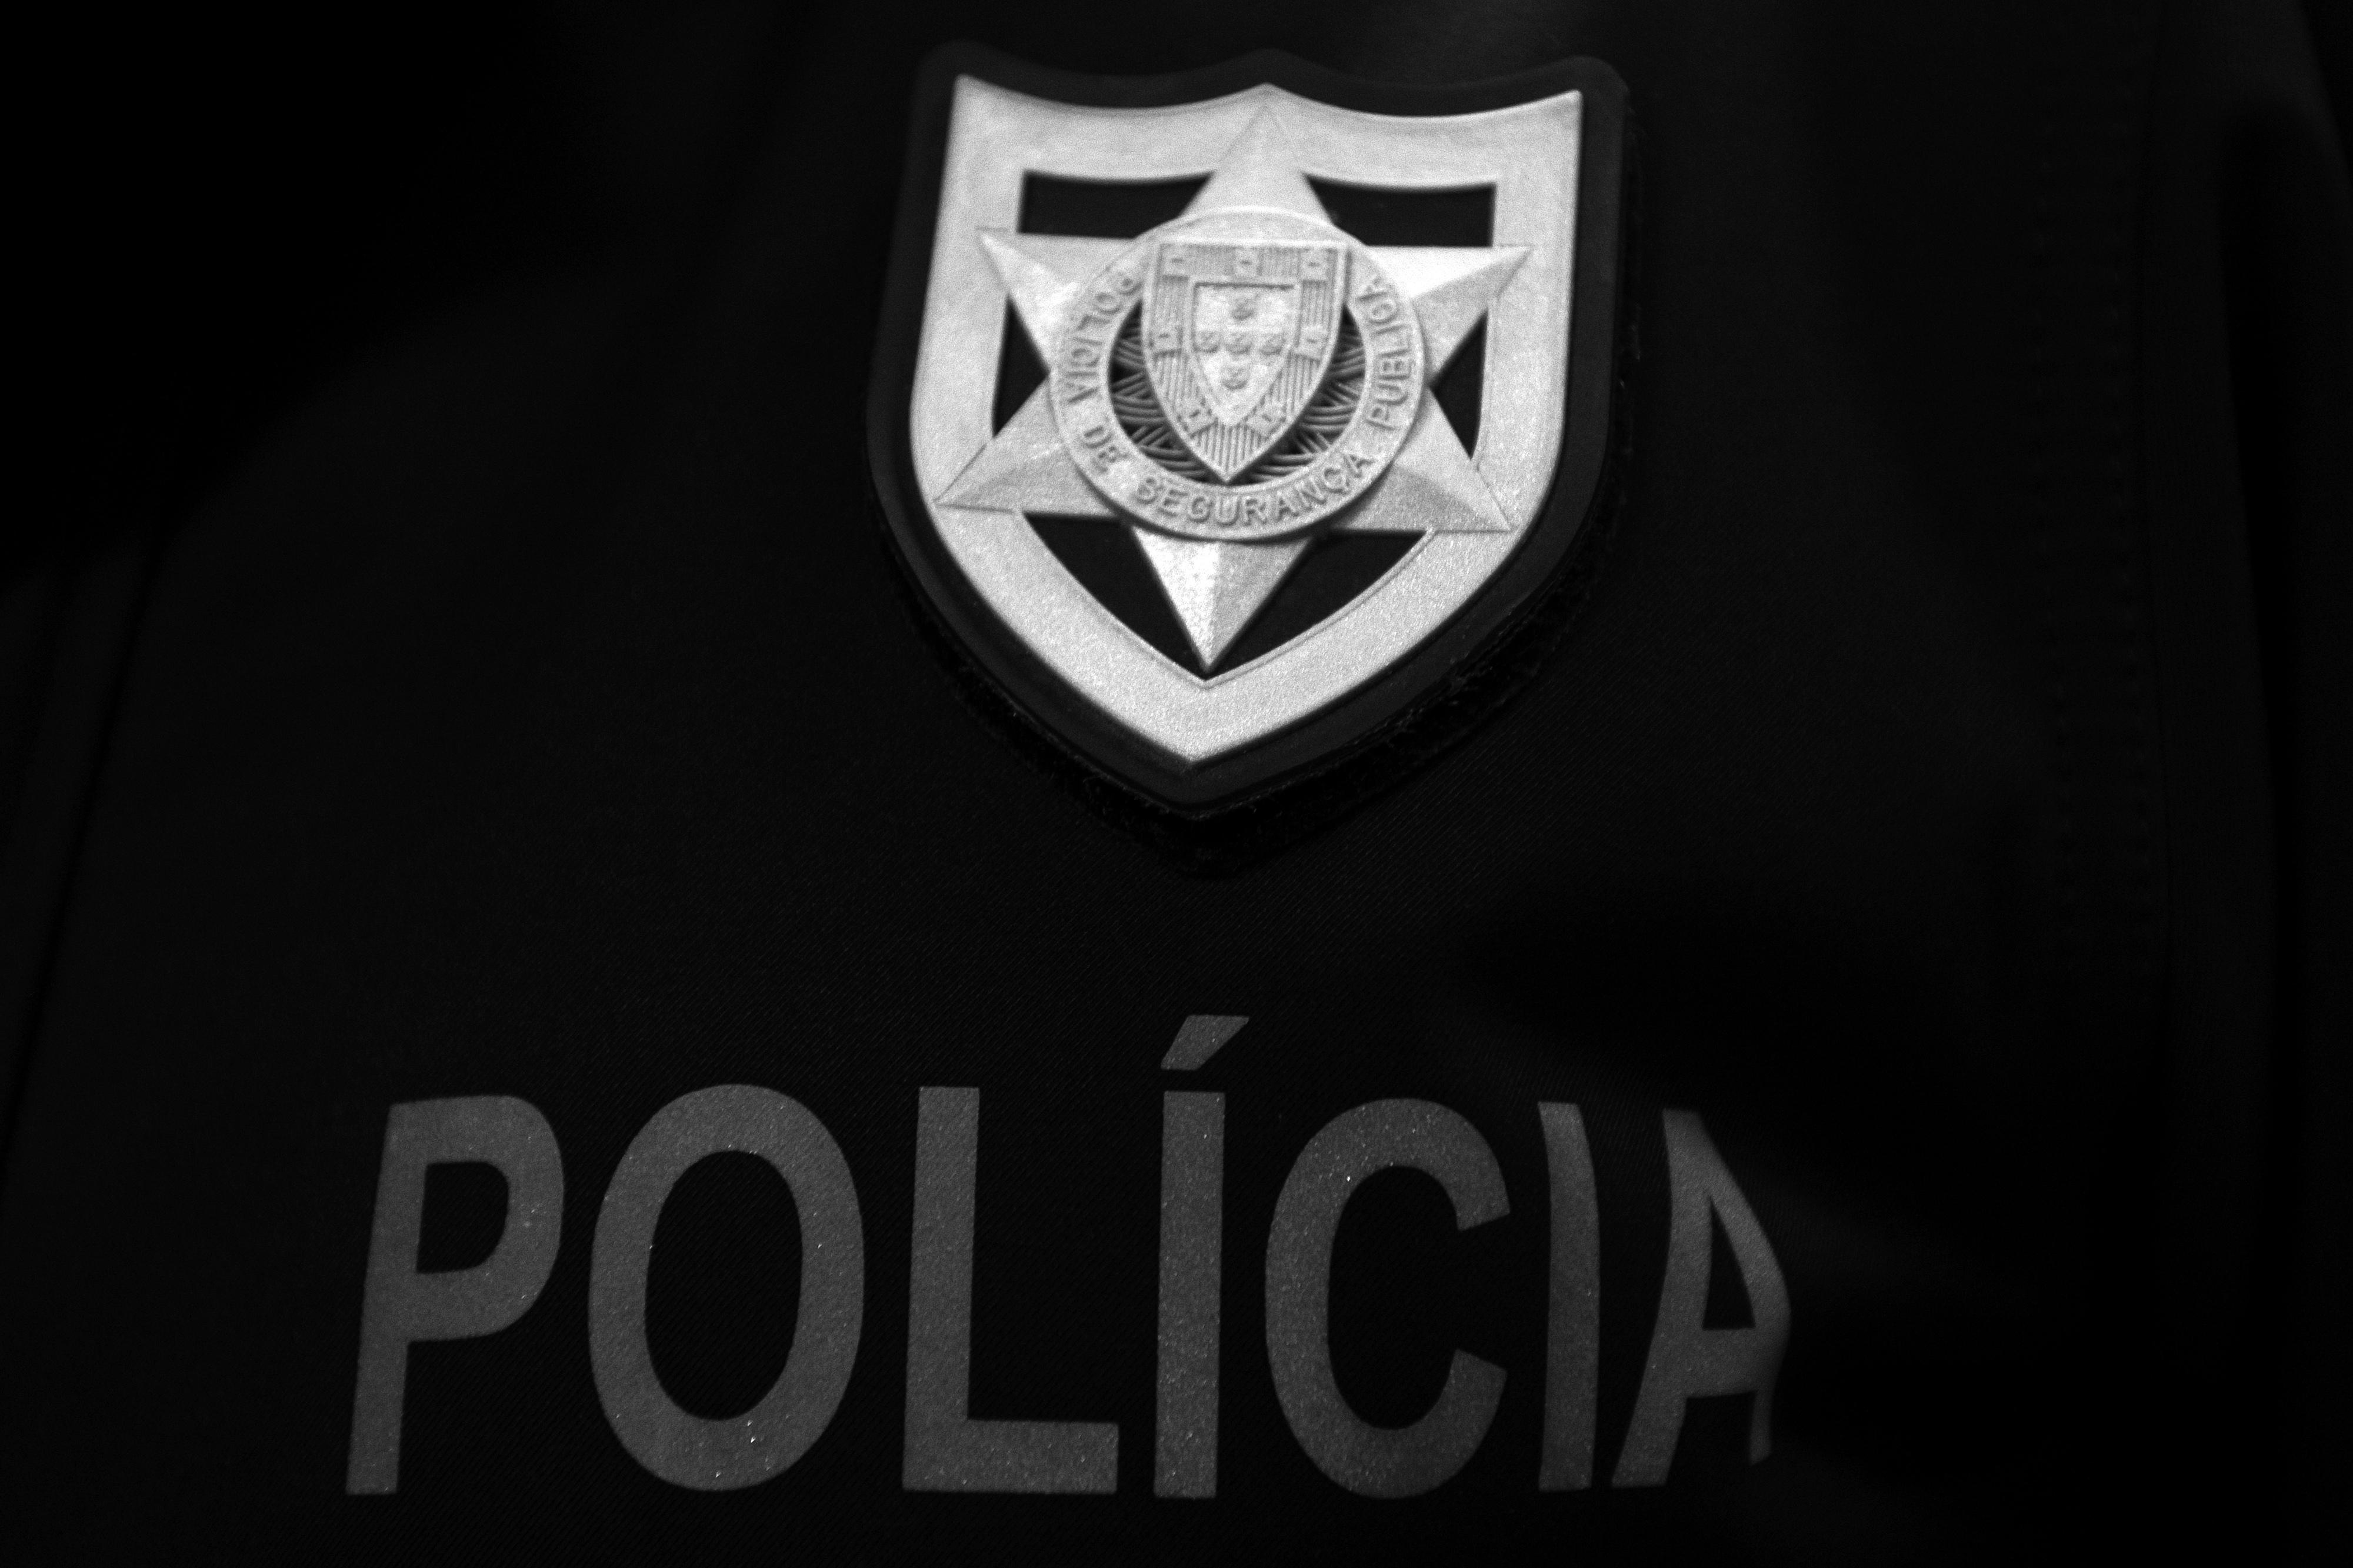 Estudantes belgas de visita a Lisboa acusam PSP de brutalidade policial